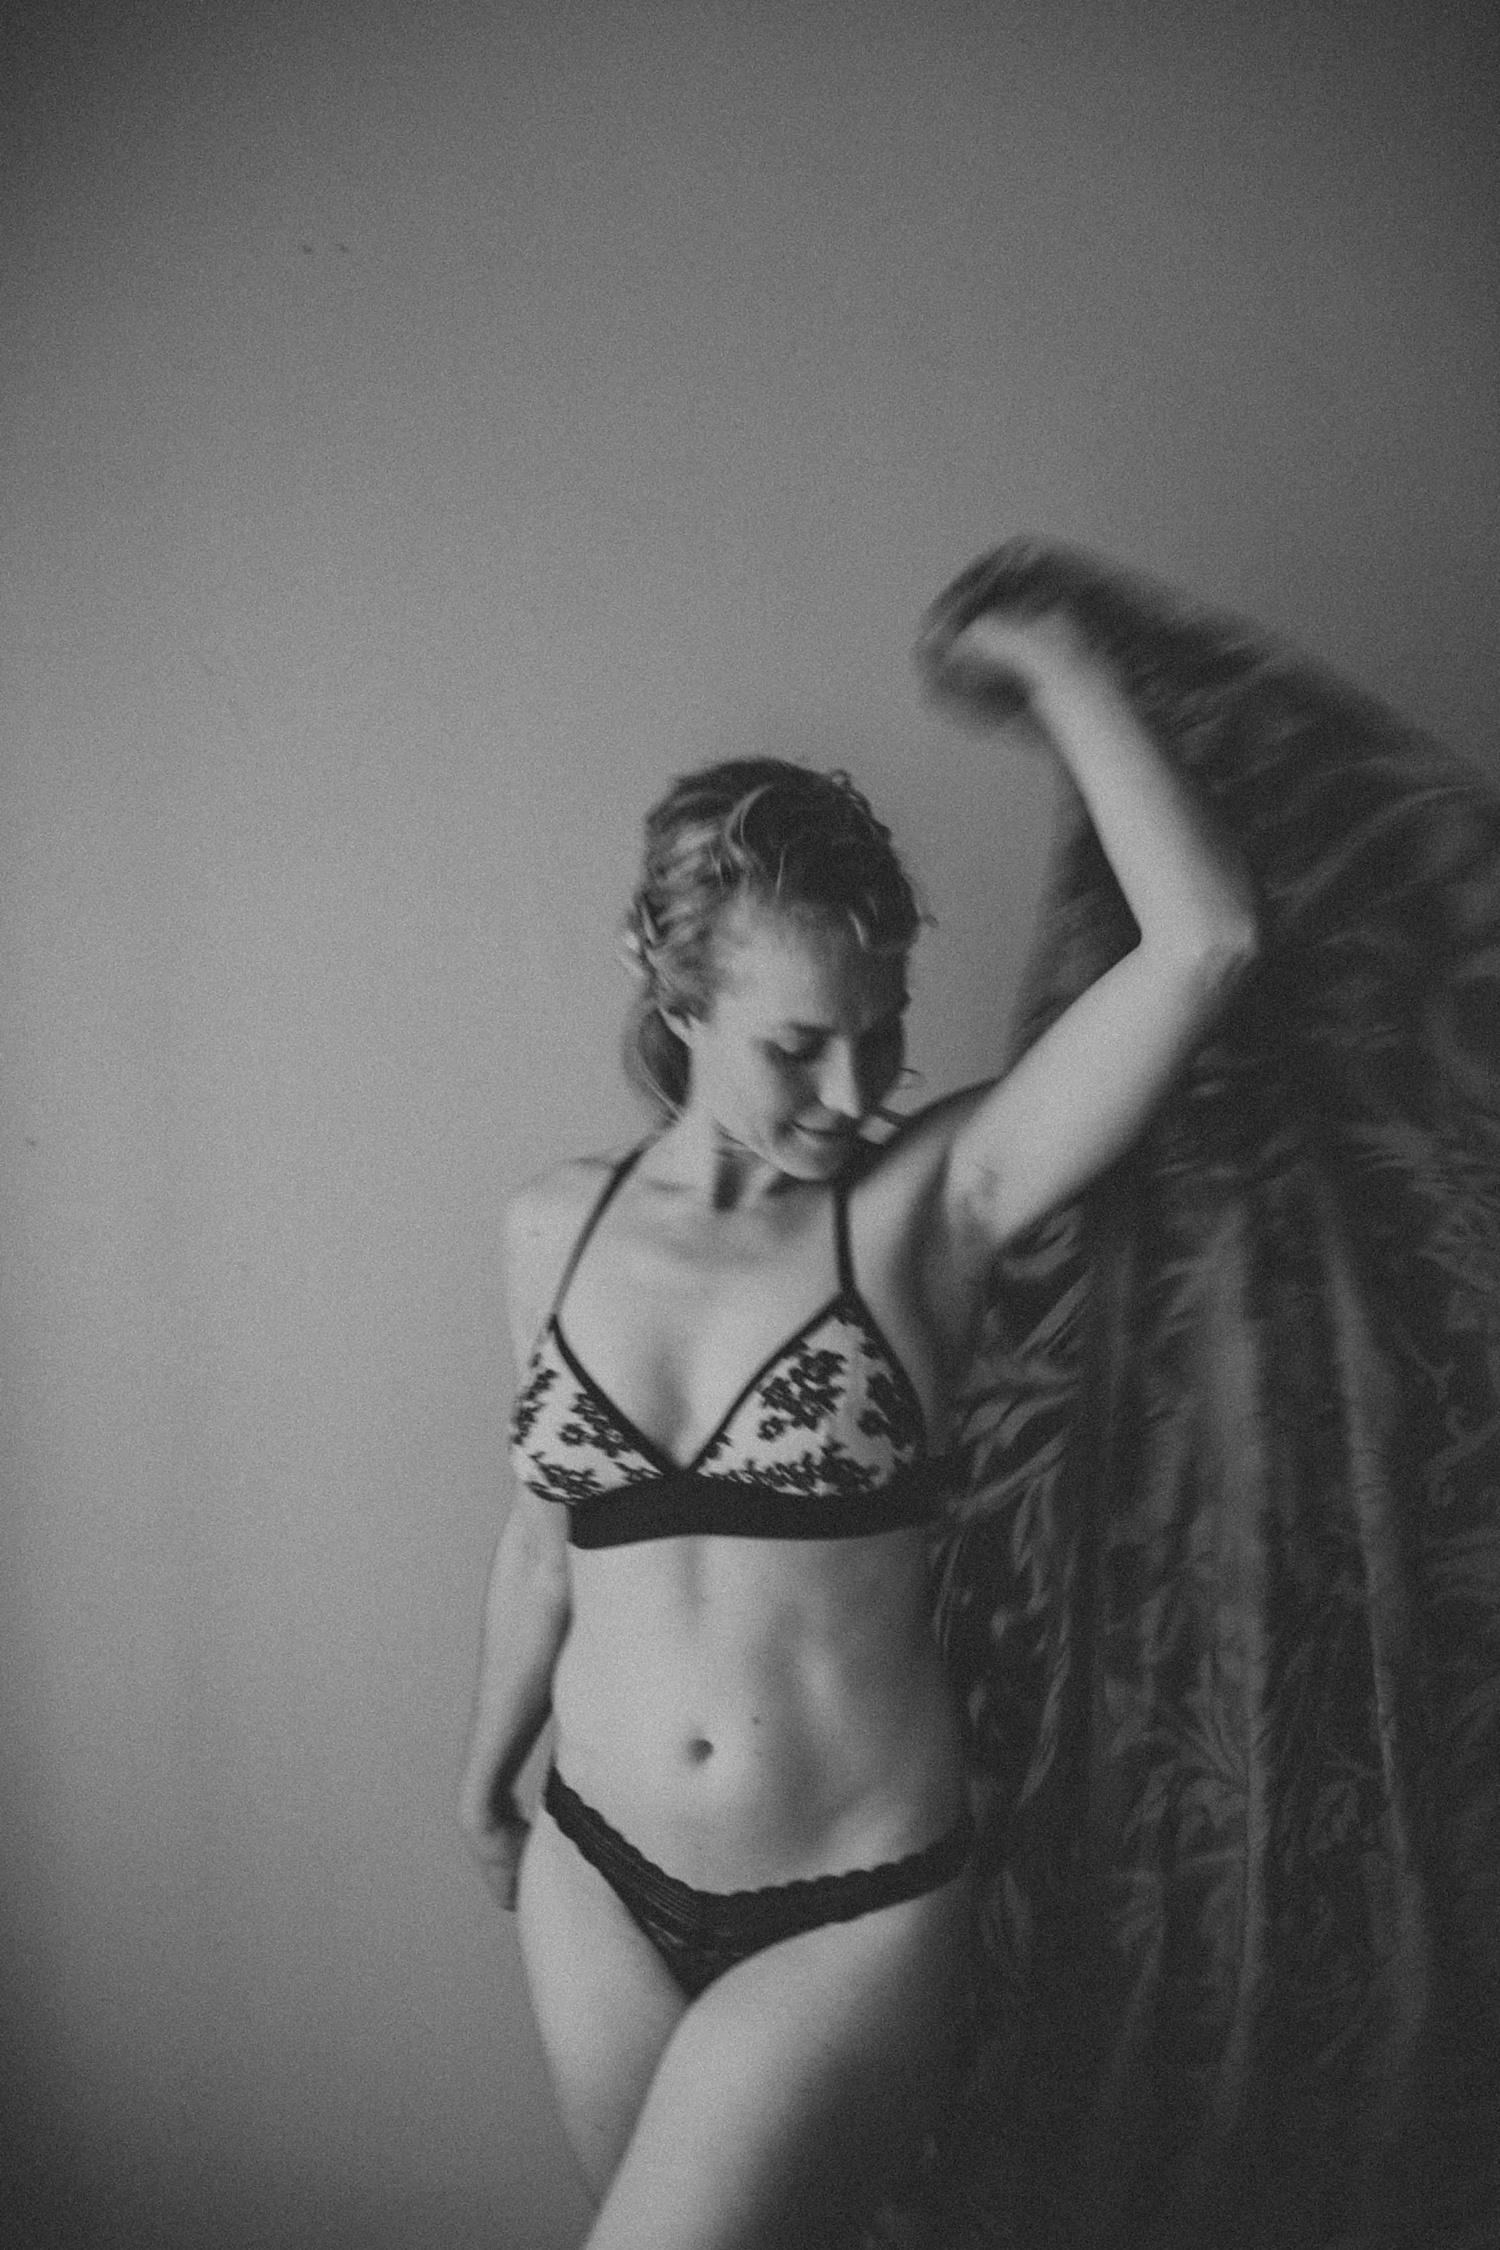 Madison Milwaukee Boudoir Photographer Chloe Ann Photography_0007.jpg